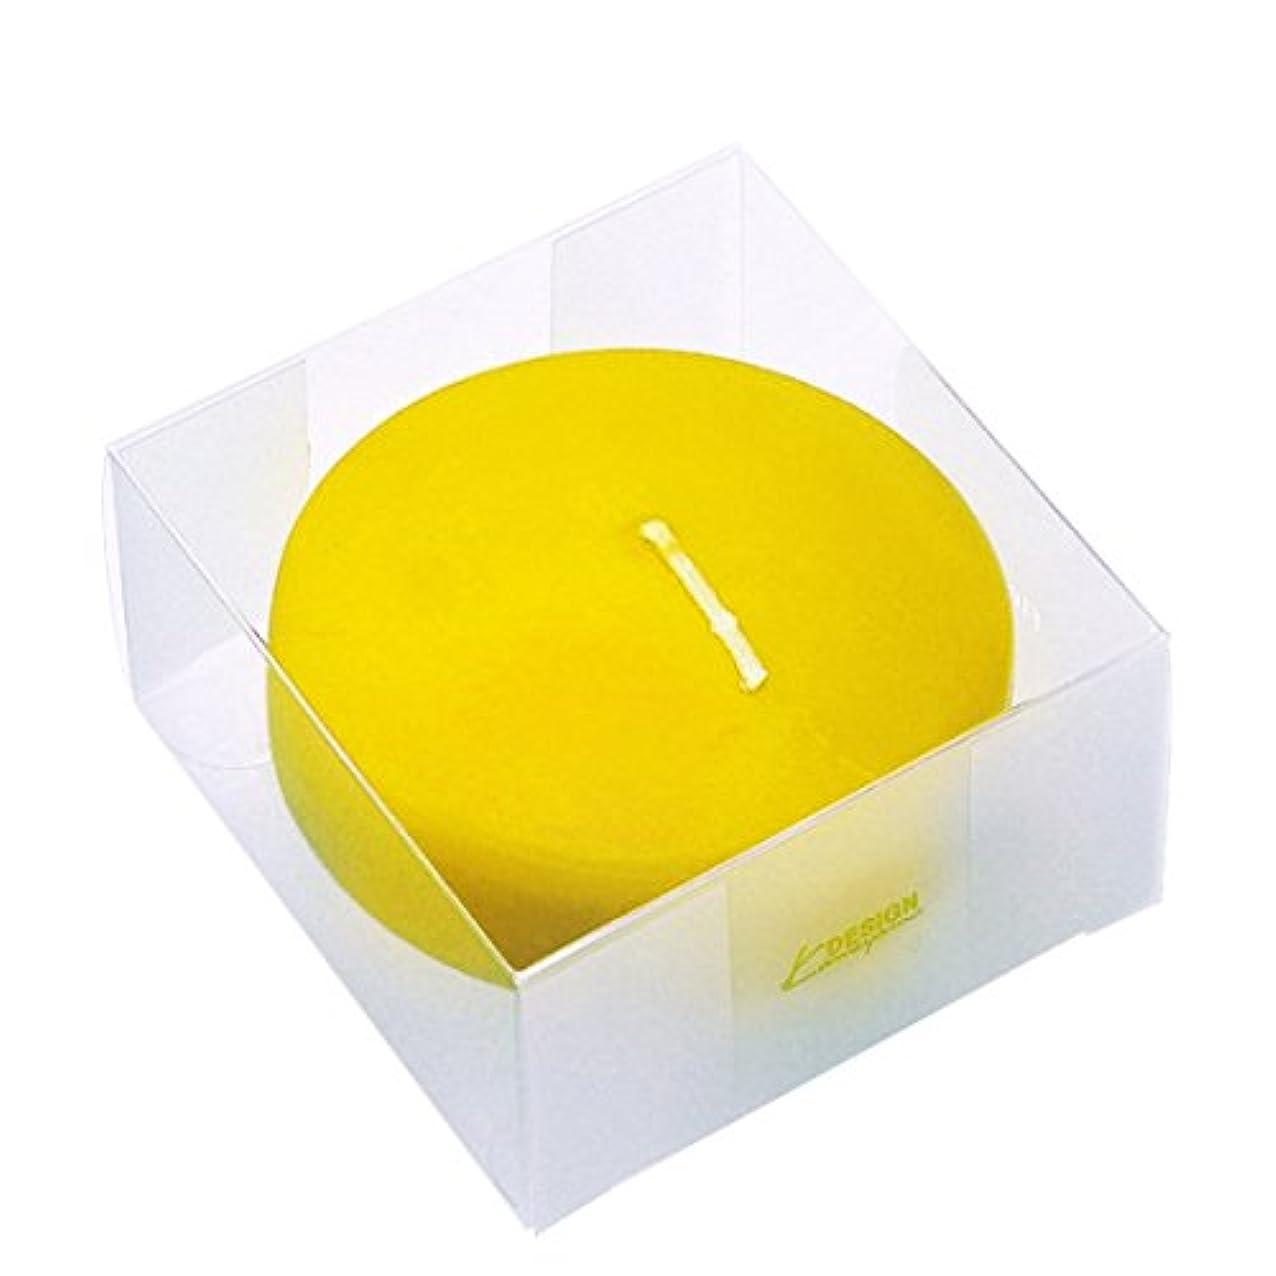 トライアスリート炎上服を洗うプール80(箱入り) 「 サン 」